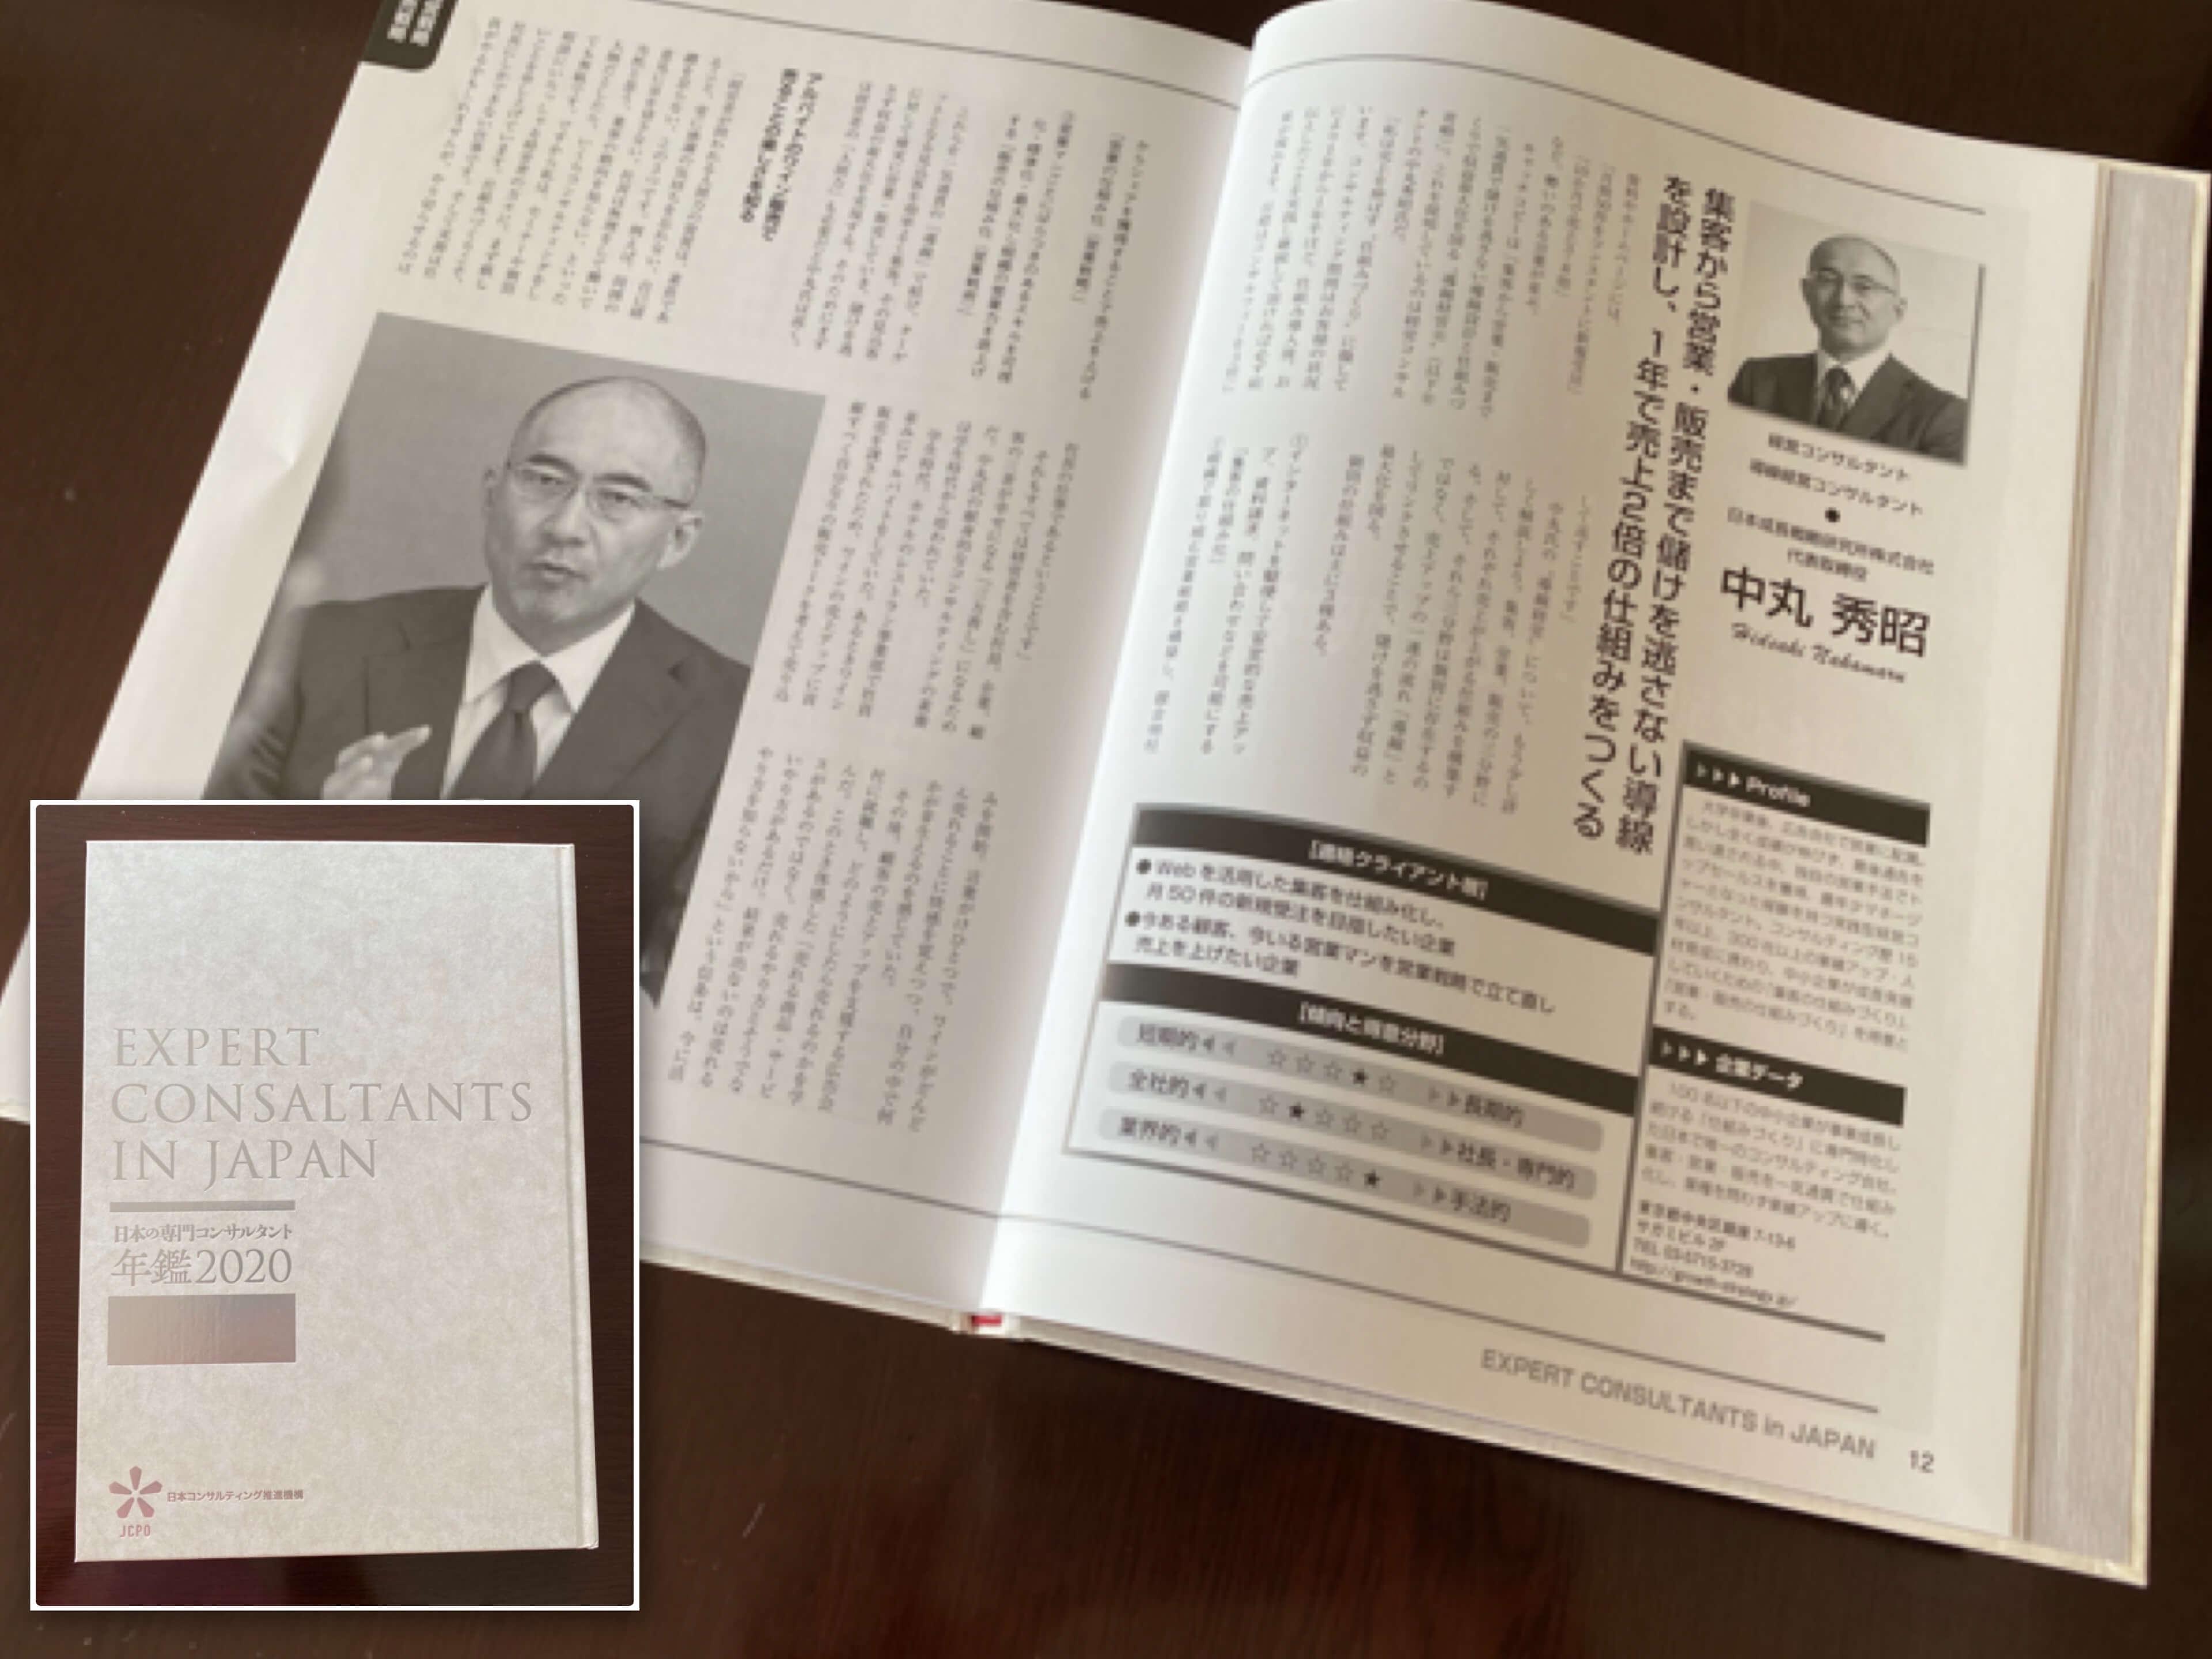 日本の専門コンサルタント年鑑2020